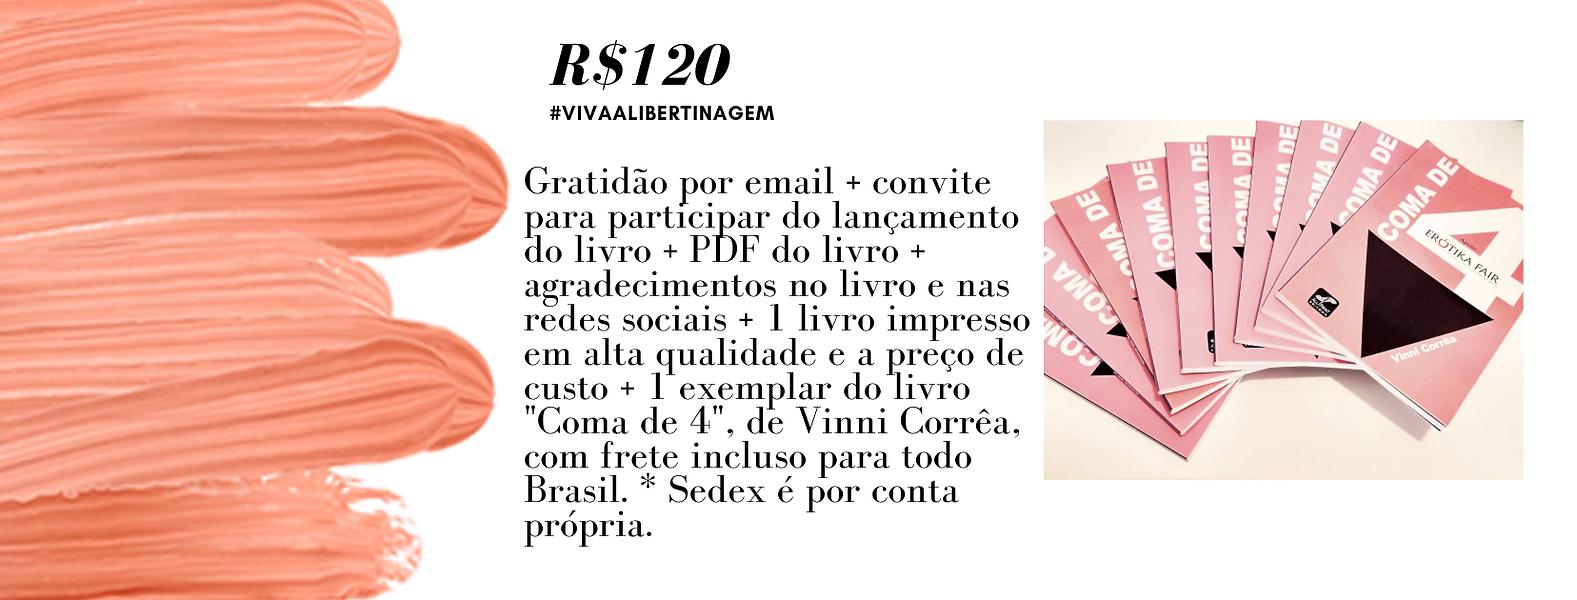 RECOMPENSA 120